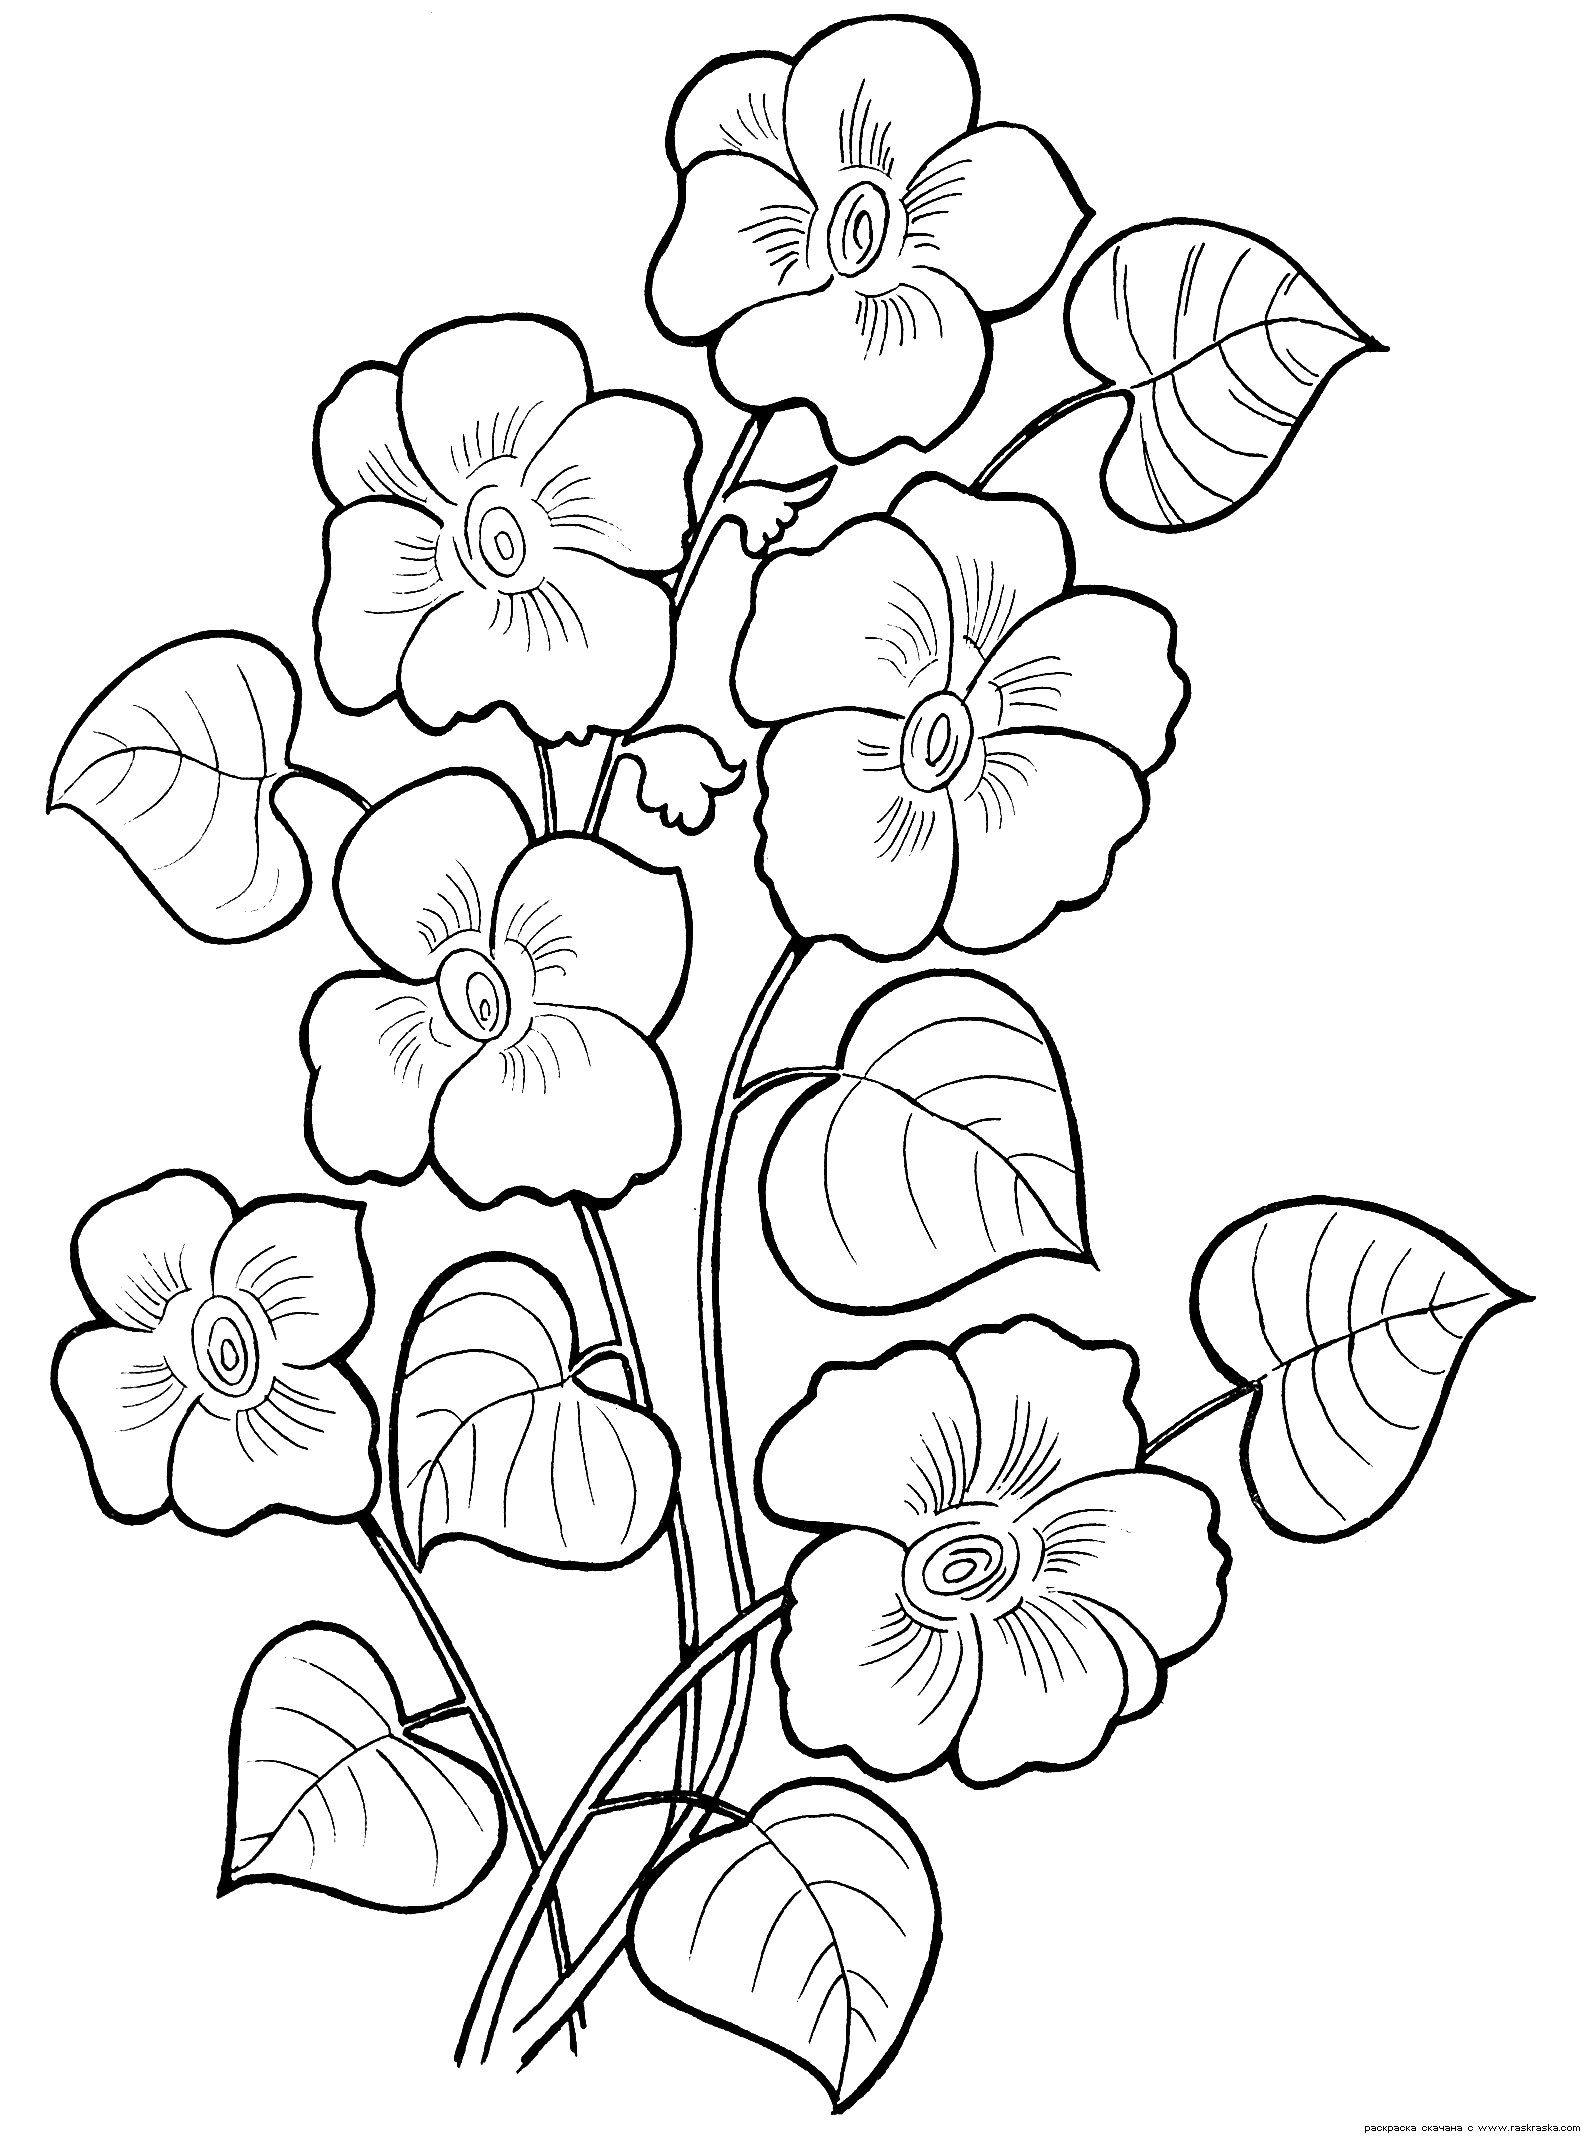 Картинки растений раскраски распечатать